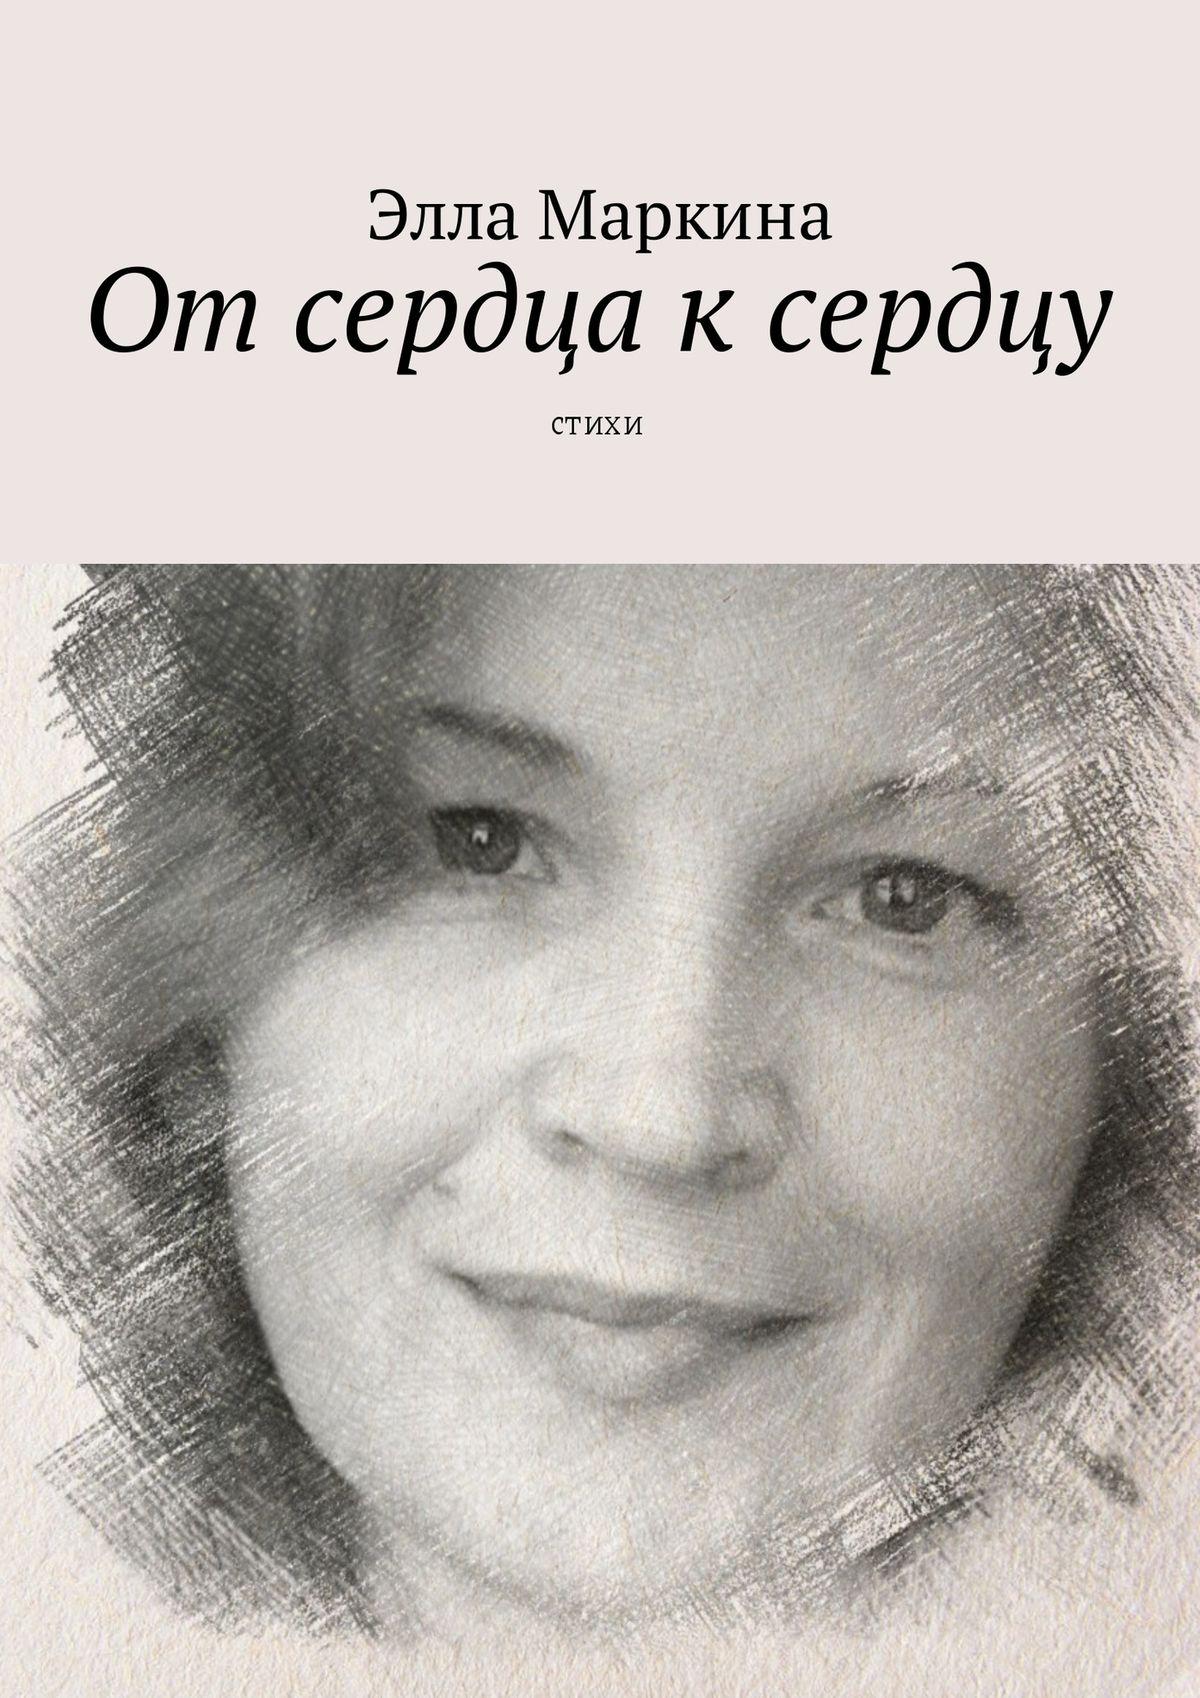 Элла Маркина Отсердца ксердцу. Стихи все стихи